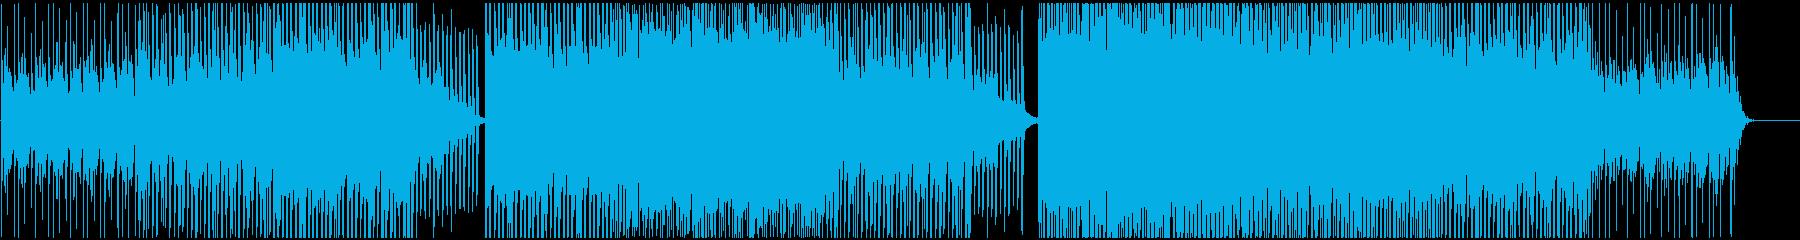 明るく前向きイメージの再生済みの波形